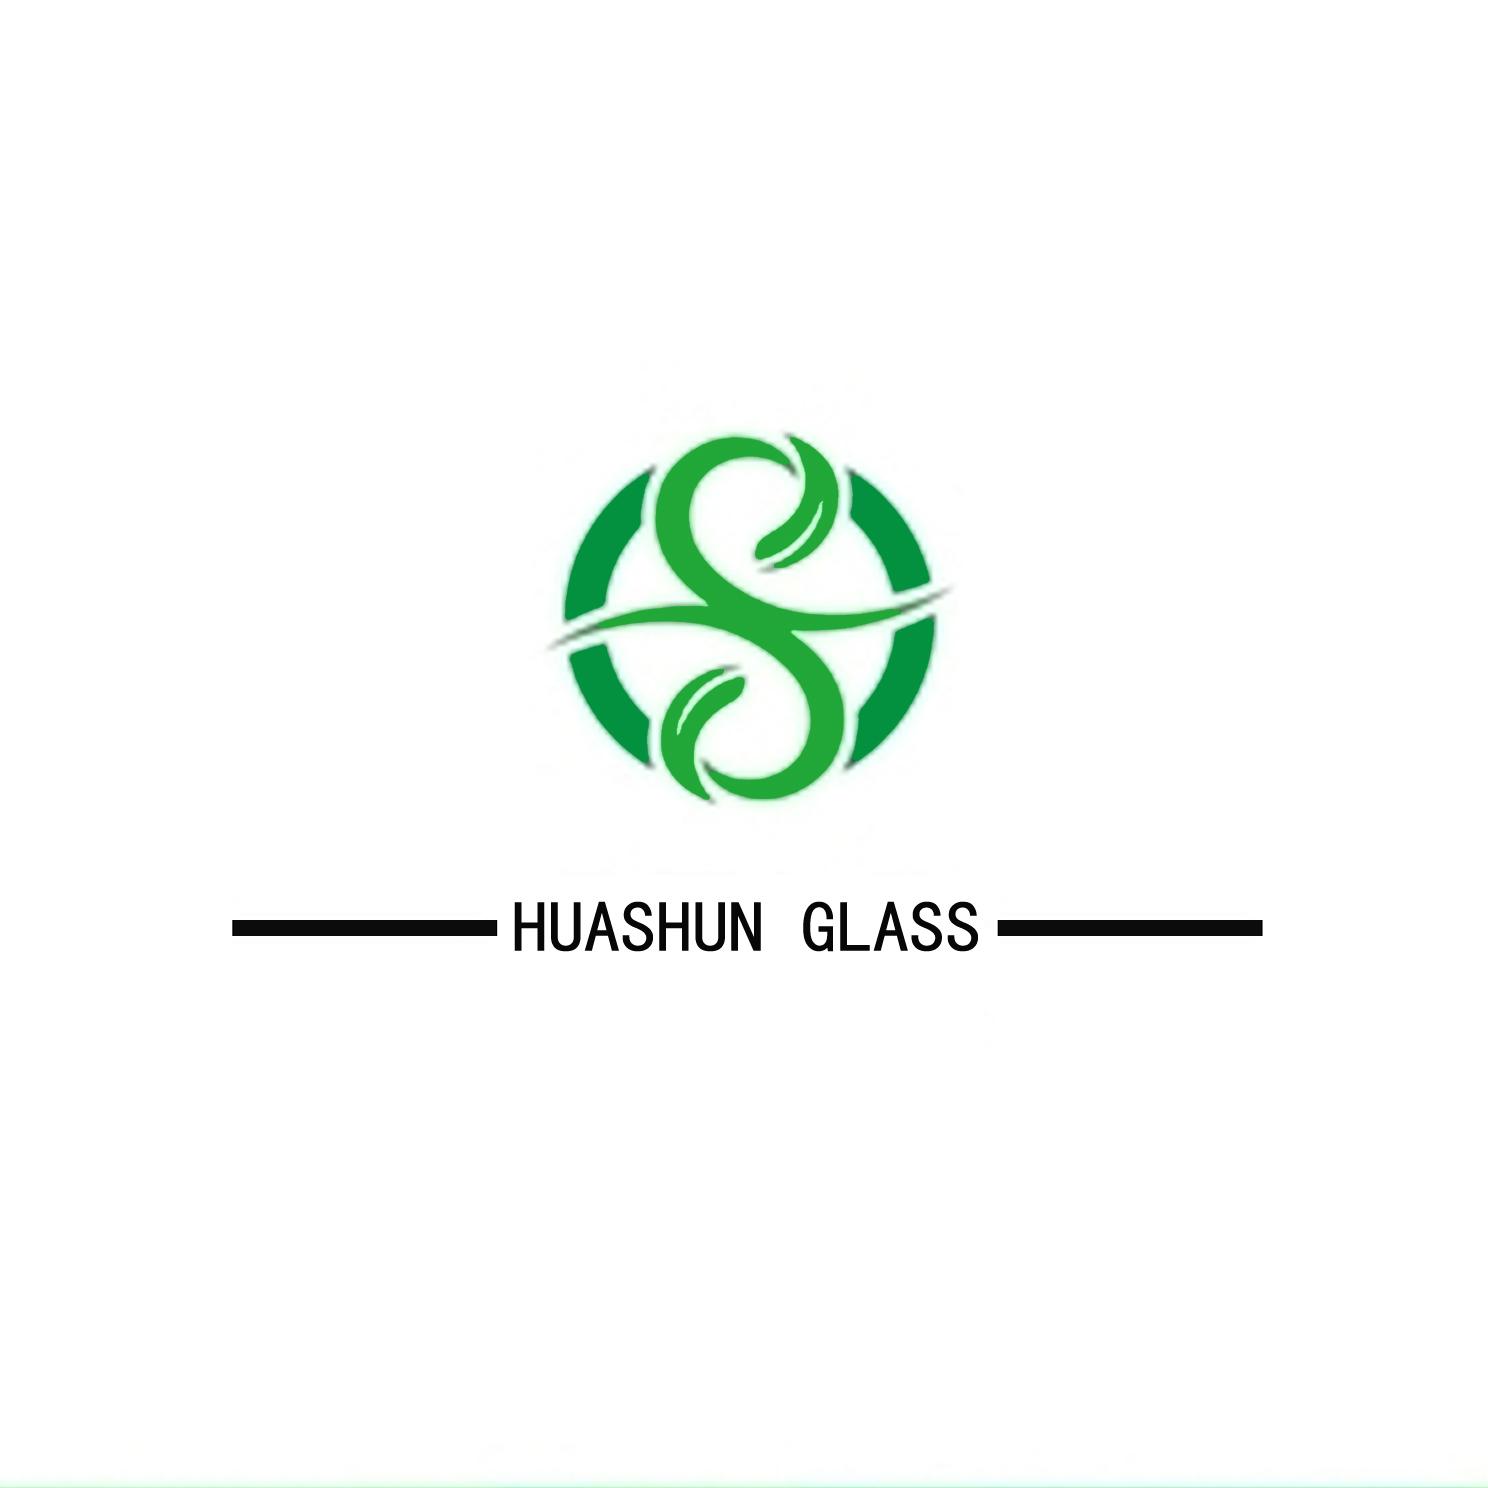 祁县华顺玻璃制品有限公司Logo